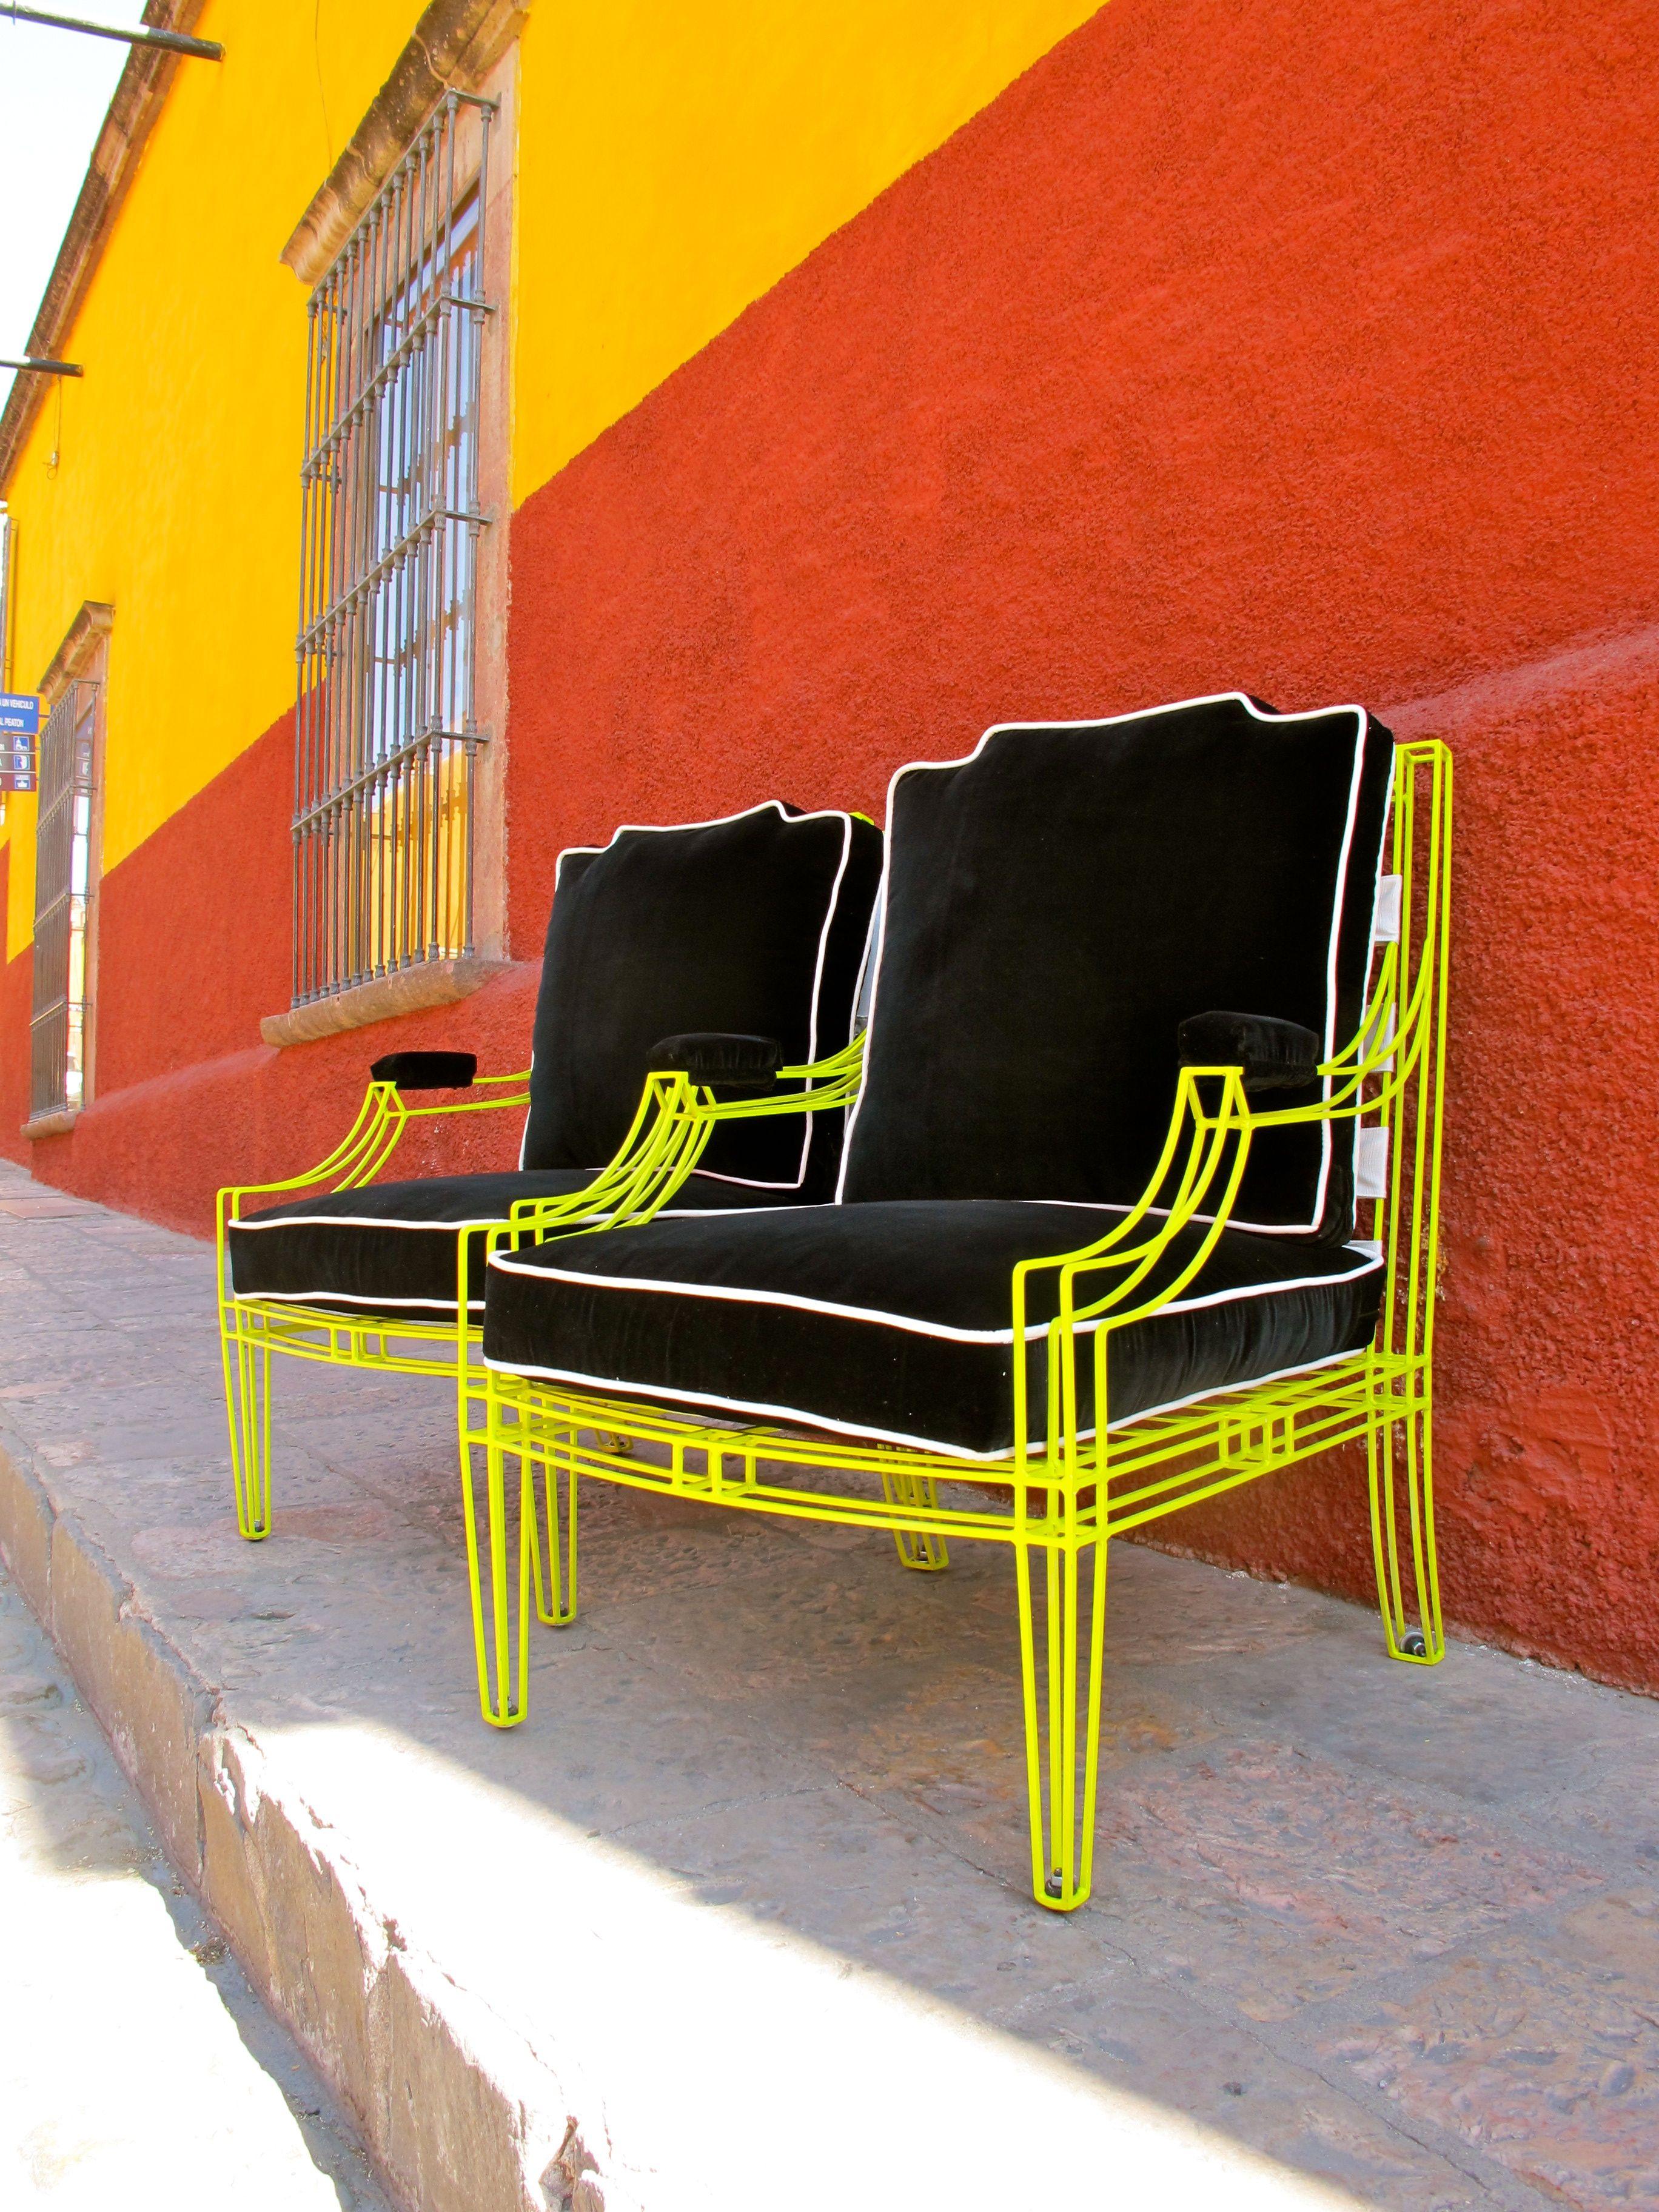 wonderful futuristic metal furniture design | casamidy | Metal............ in 2019 | Futuristic ...